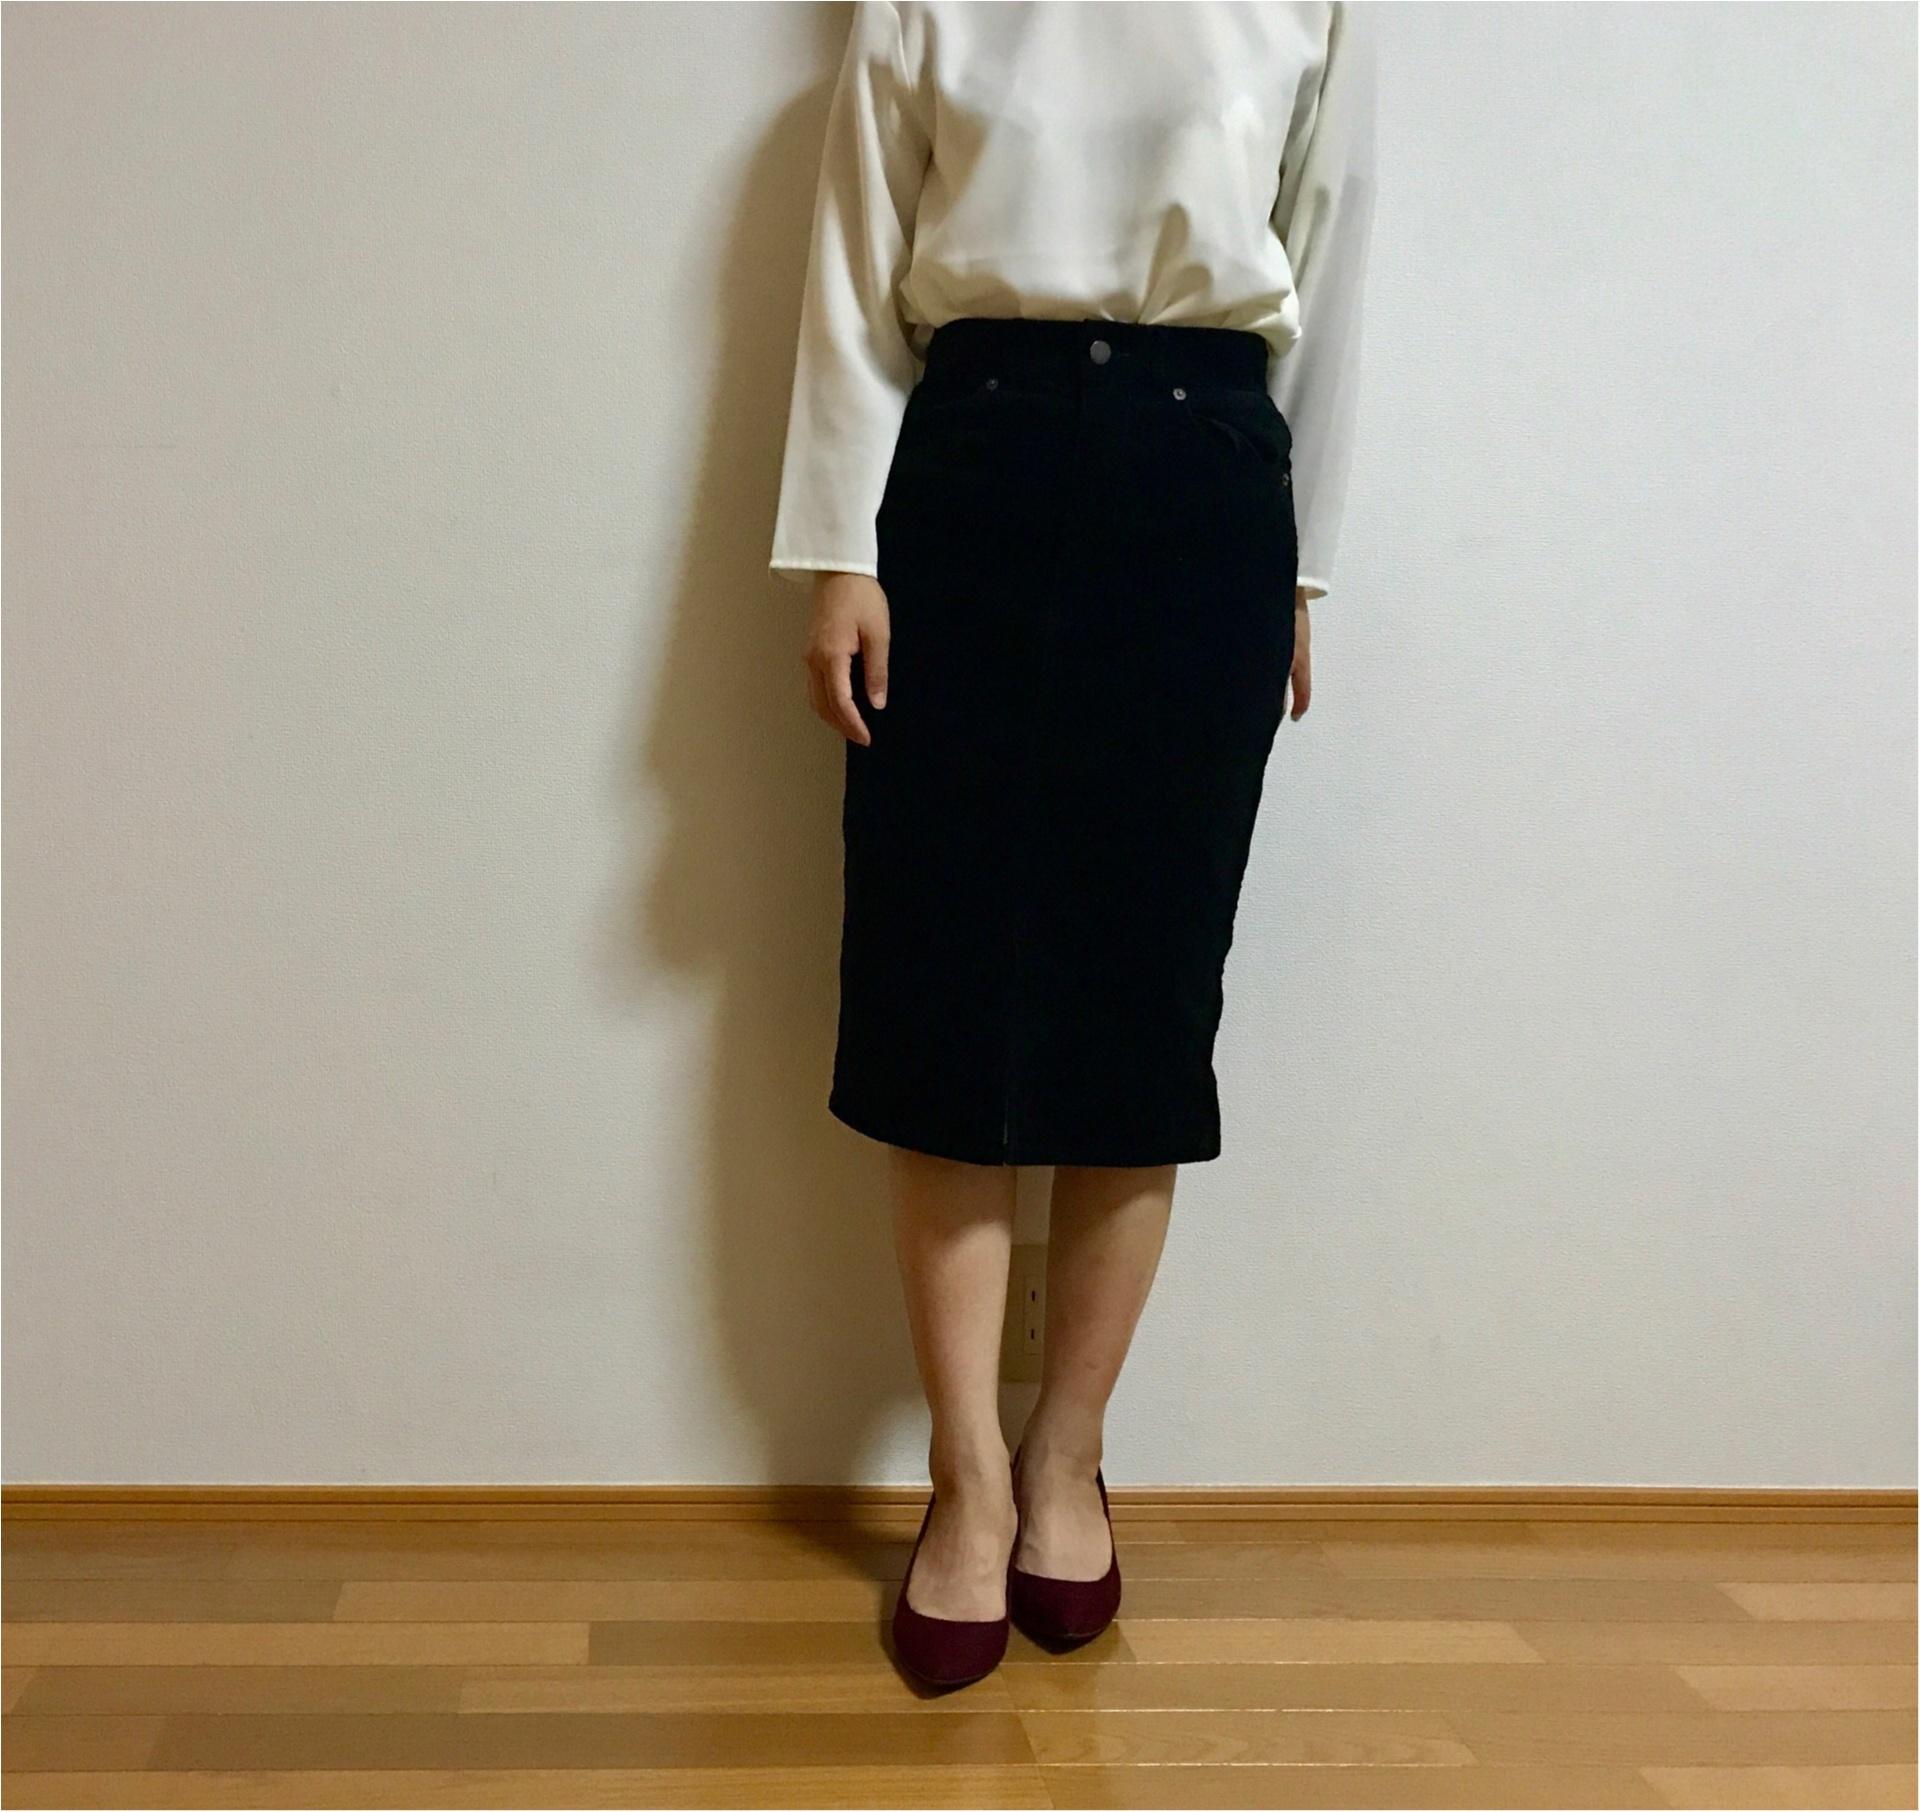 【GU】秋イチでゲットしたいアイテムはコレ★《コーデュロイスカート》で秋先取り♡_5